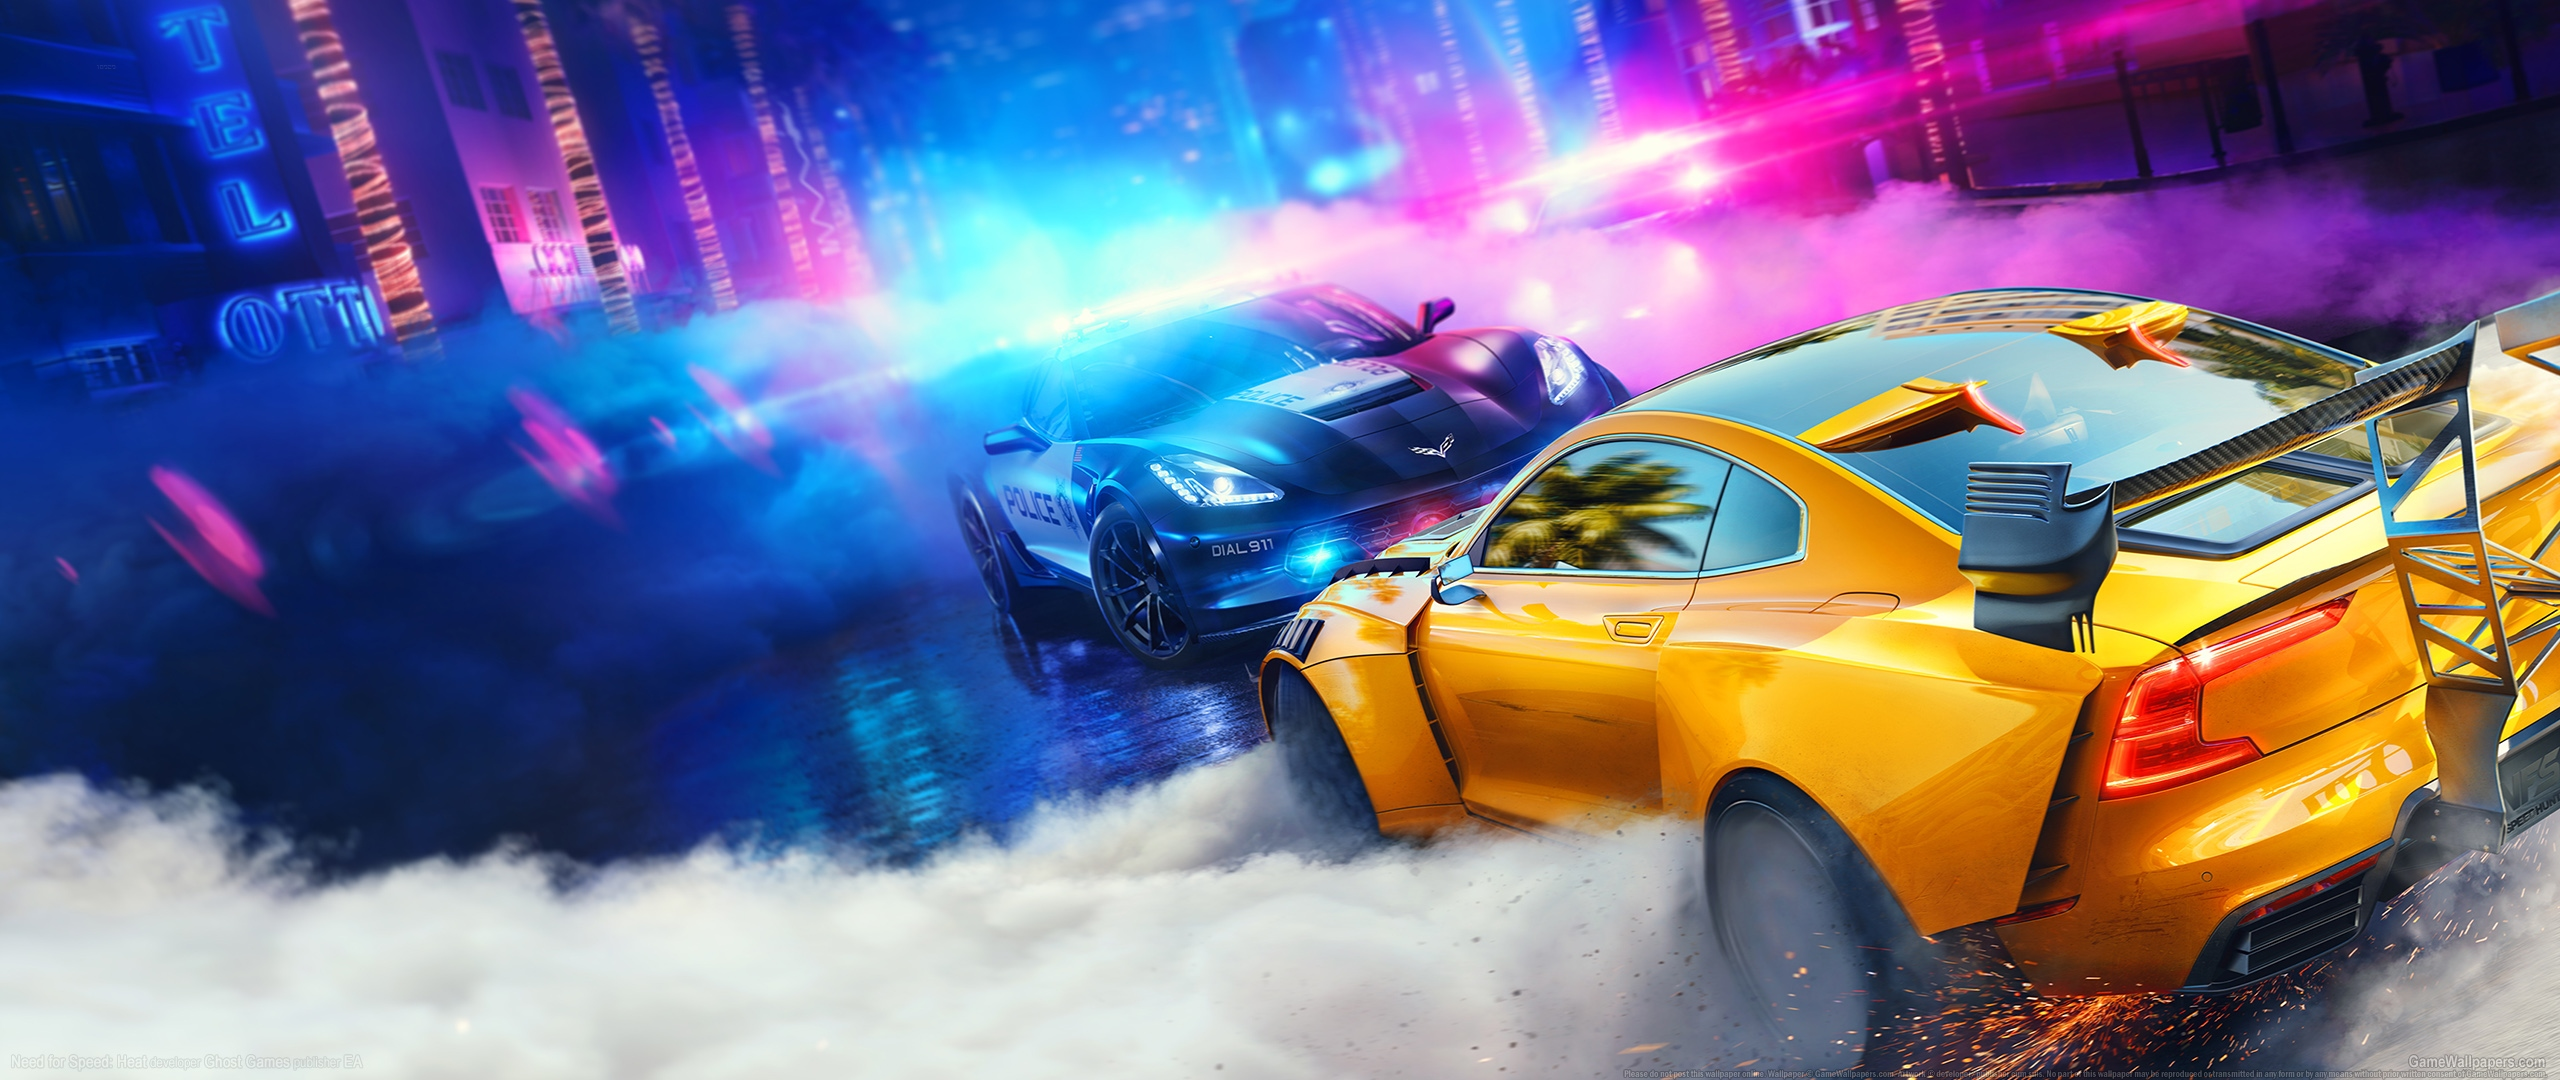 Need for Speed: Heat 2560x1080 Hintergrundbild 01